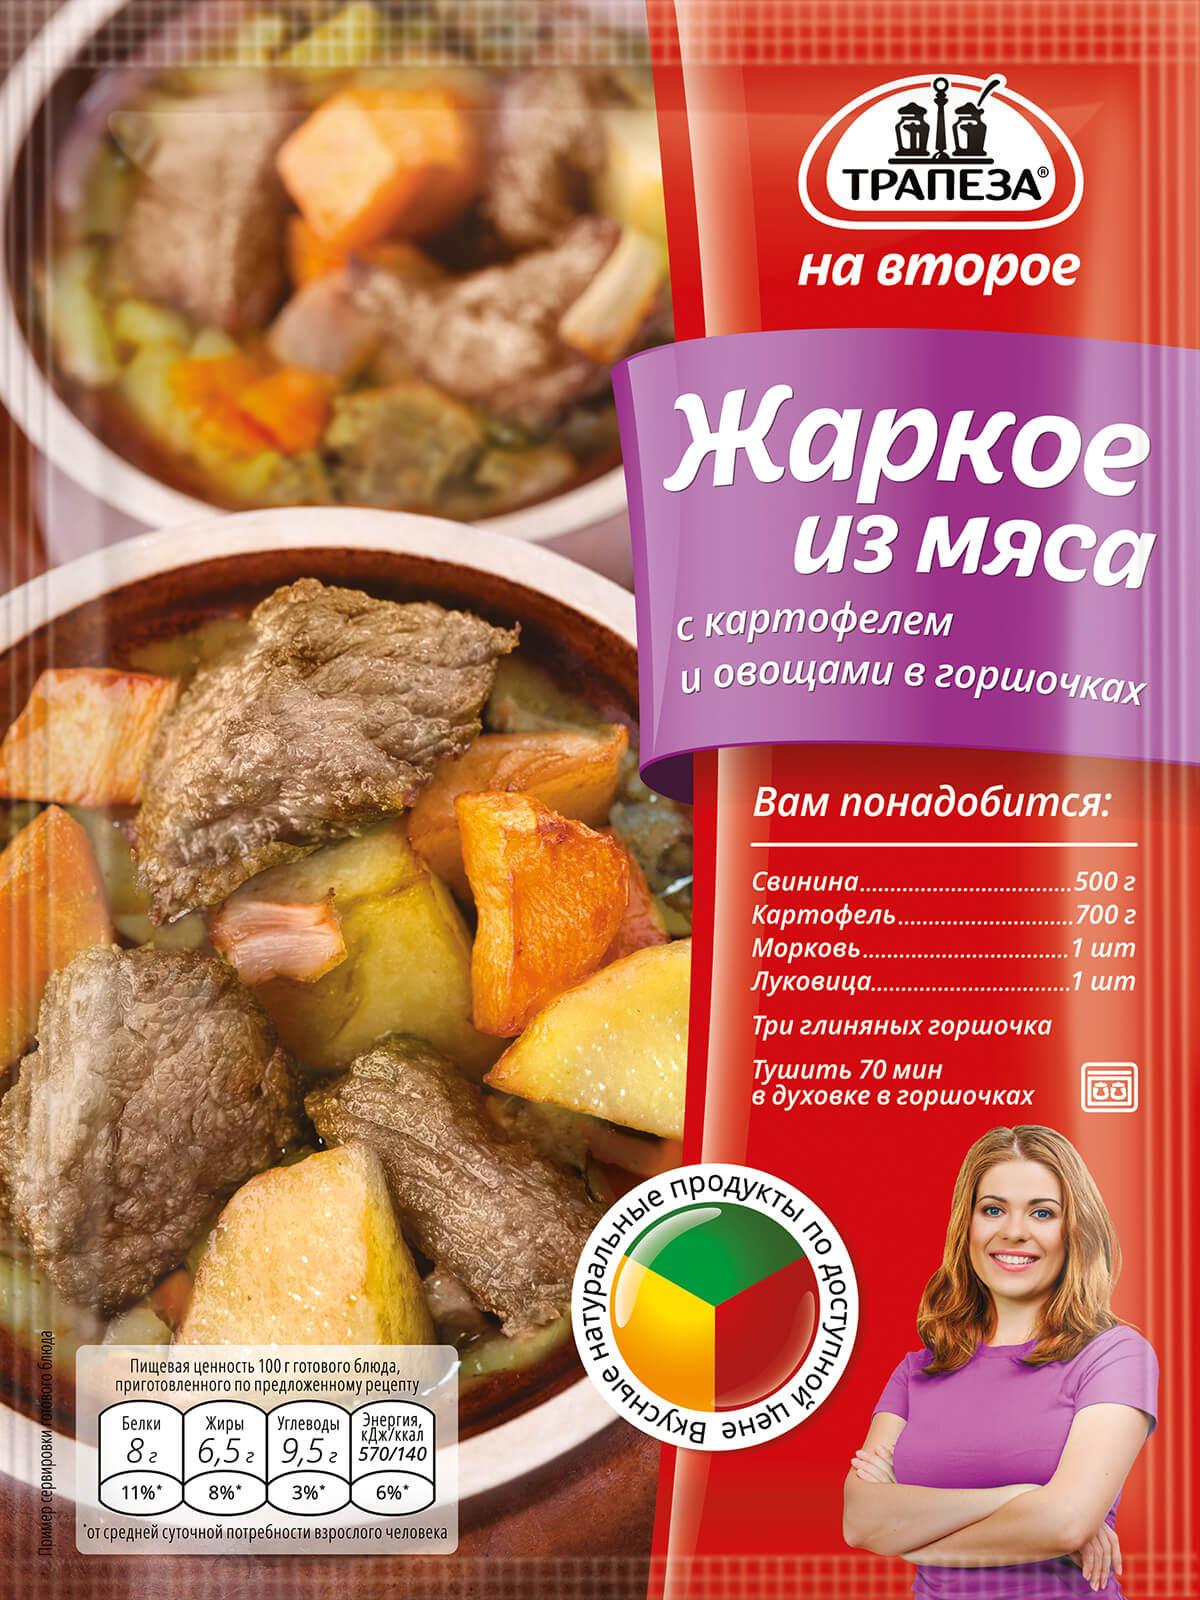 Трапеза на второе смесь для приготовления жаркого из мяса с картофелем и овощами в горшочках